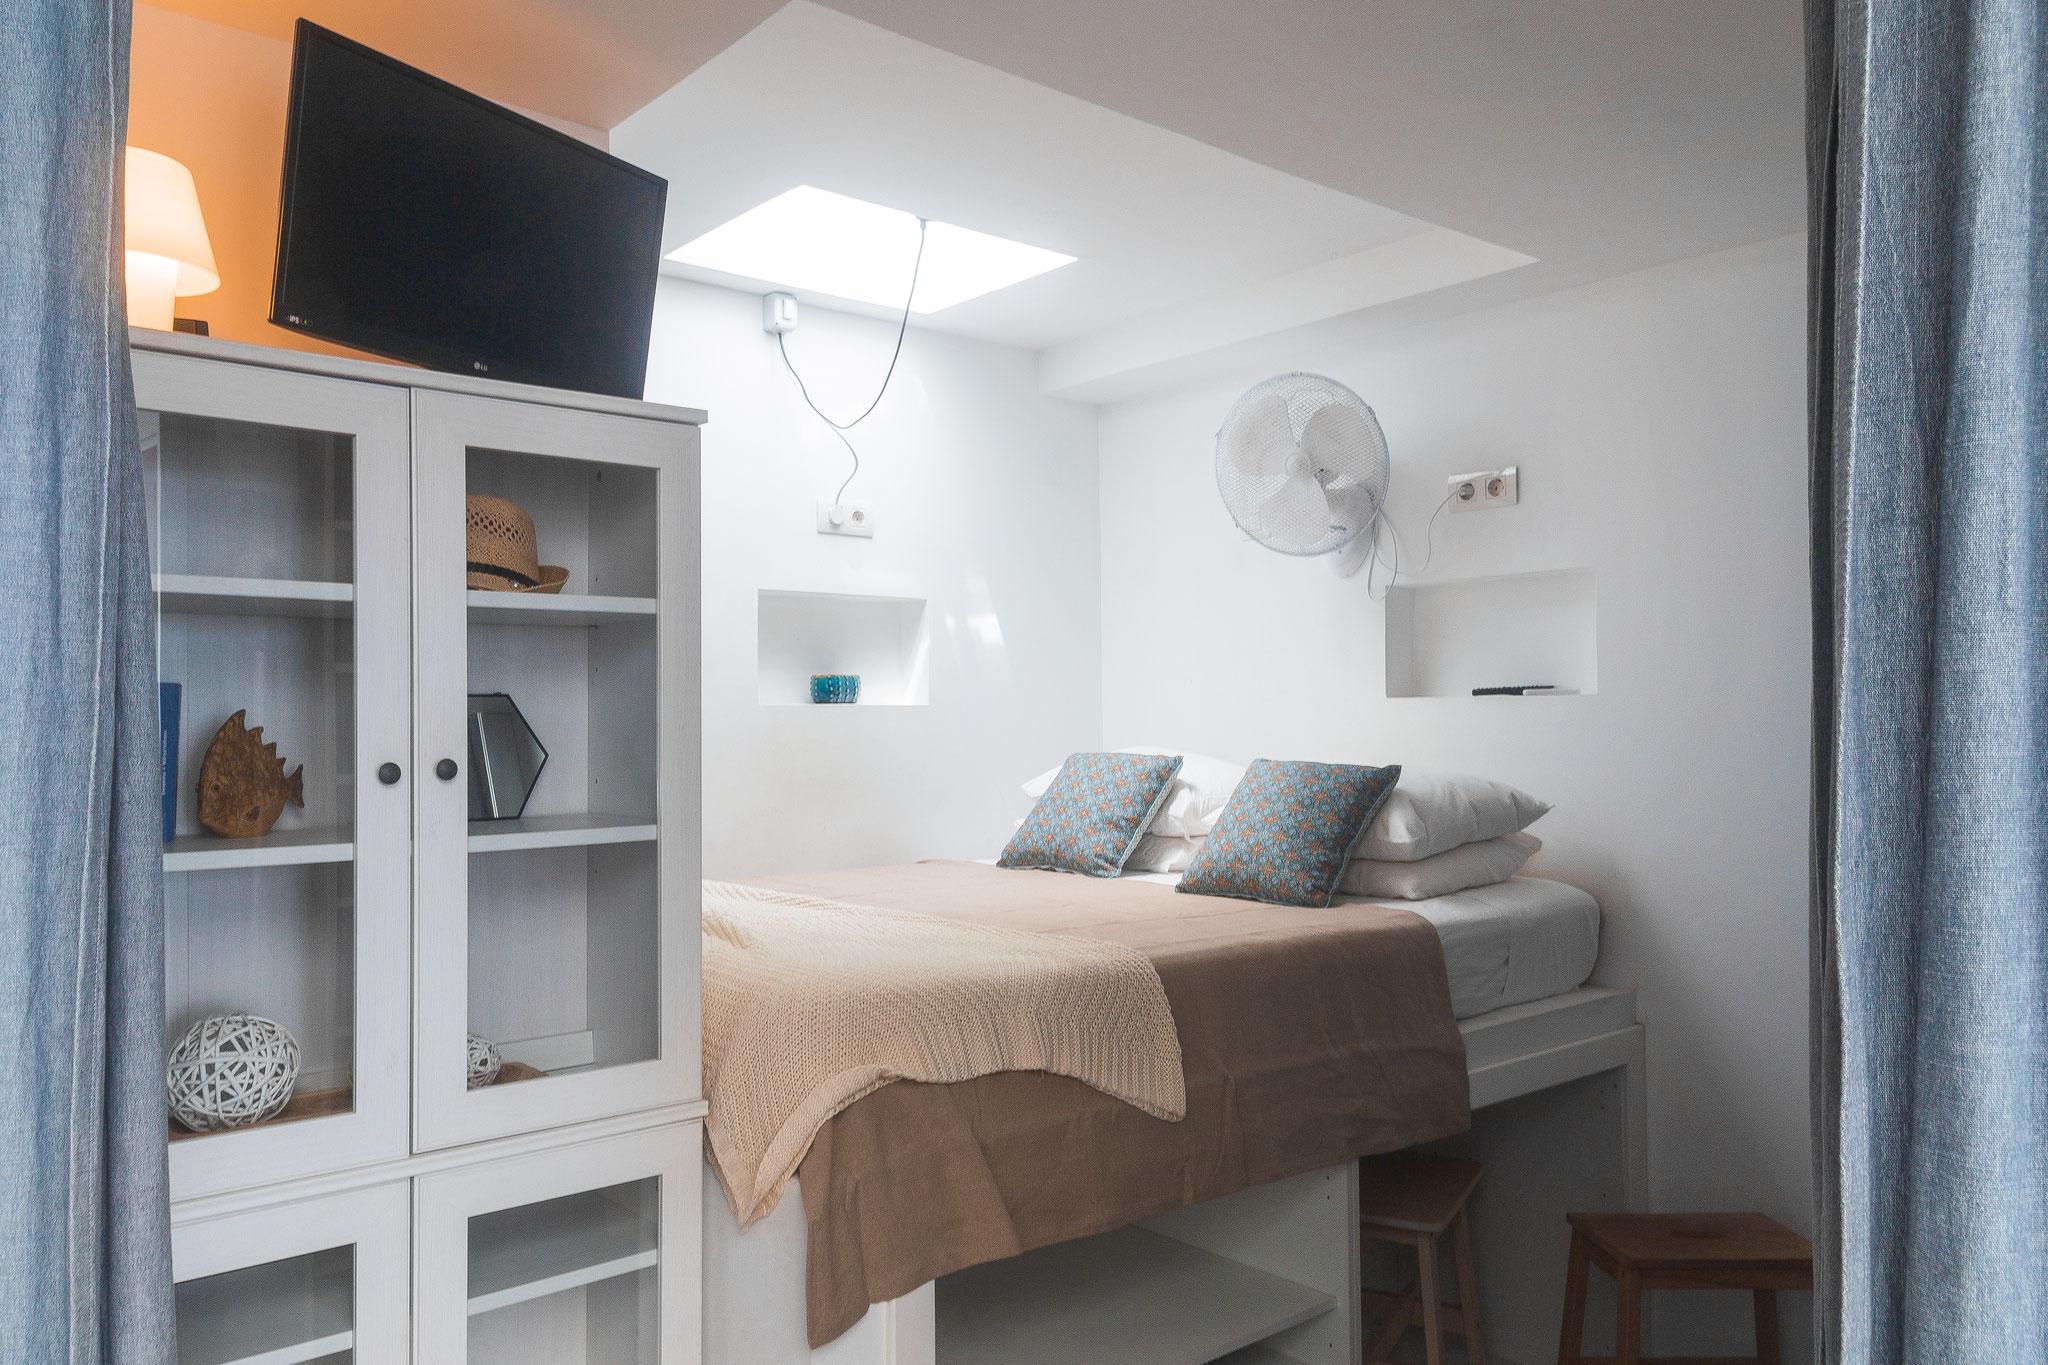 The Beach House, Arguineguín - Dachgeschoss ab 345 € pP